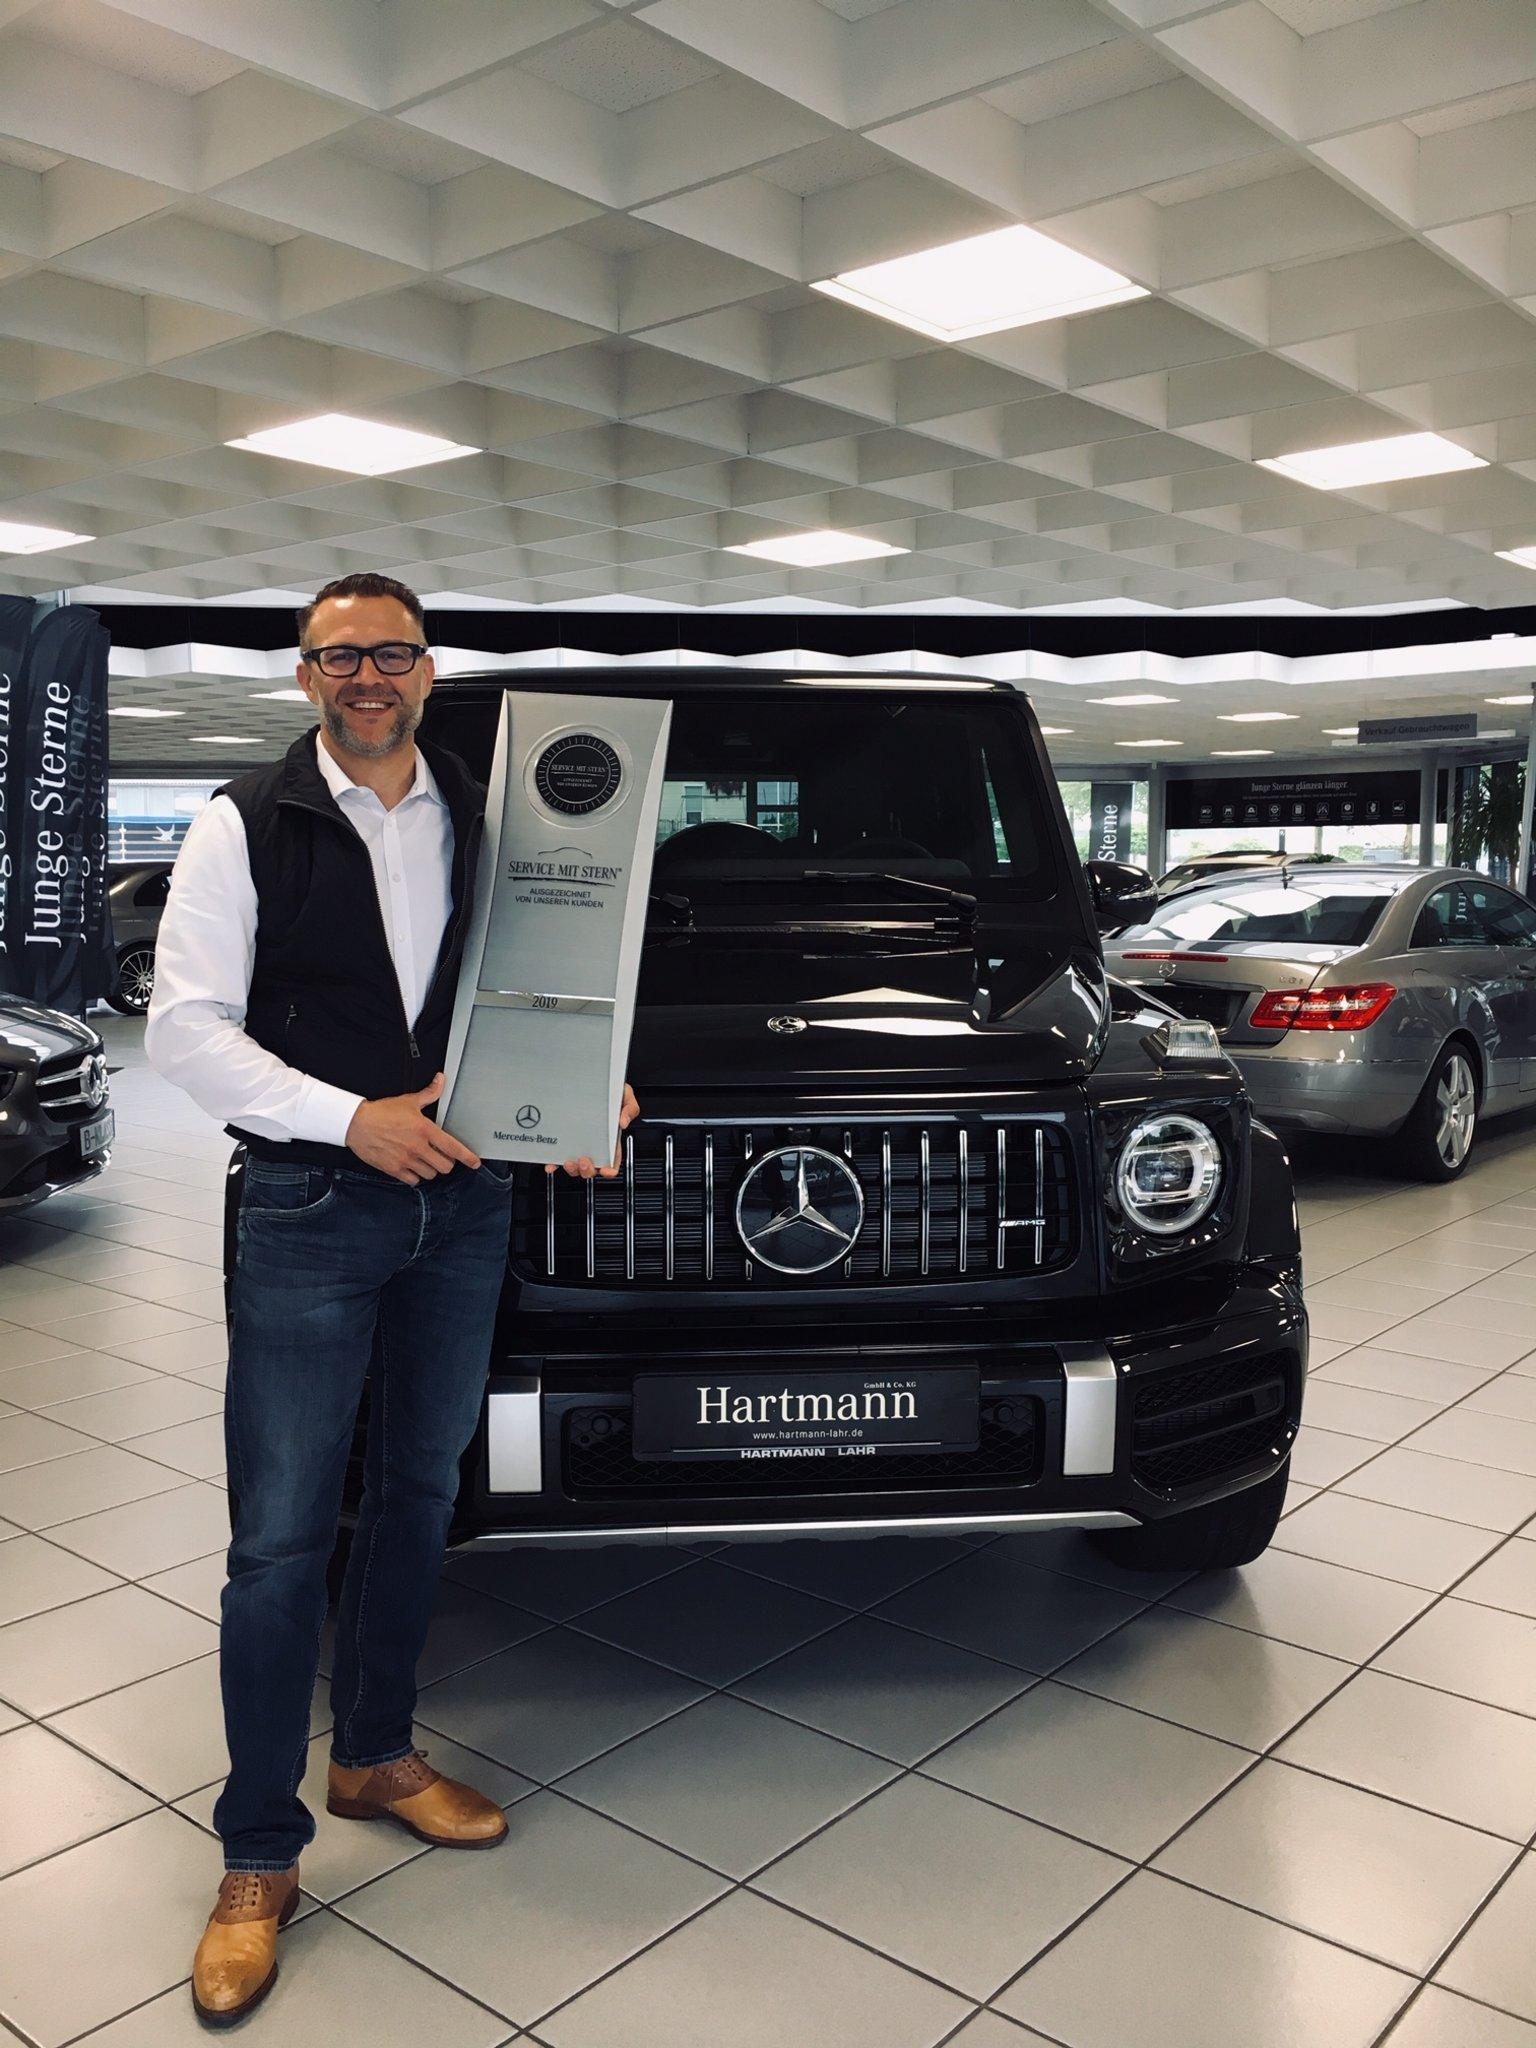 Mercedes Benz Hartmann